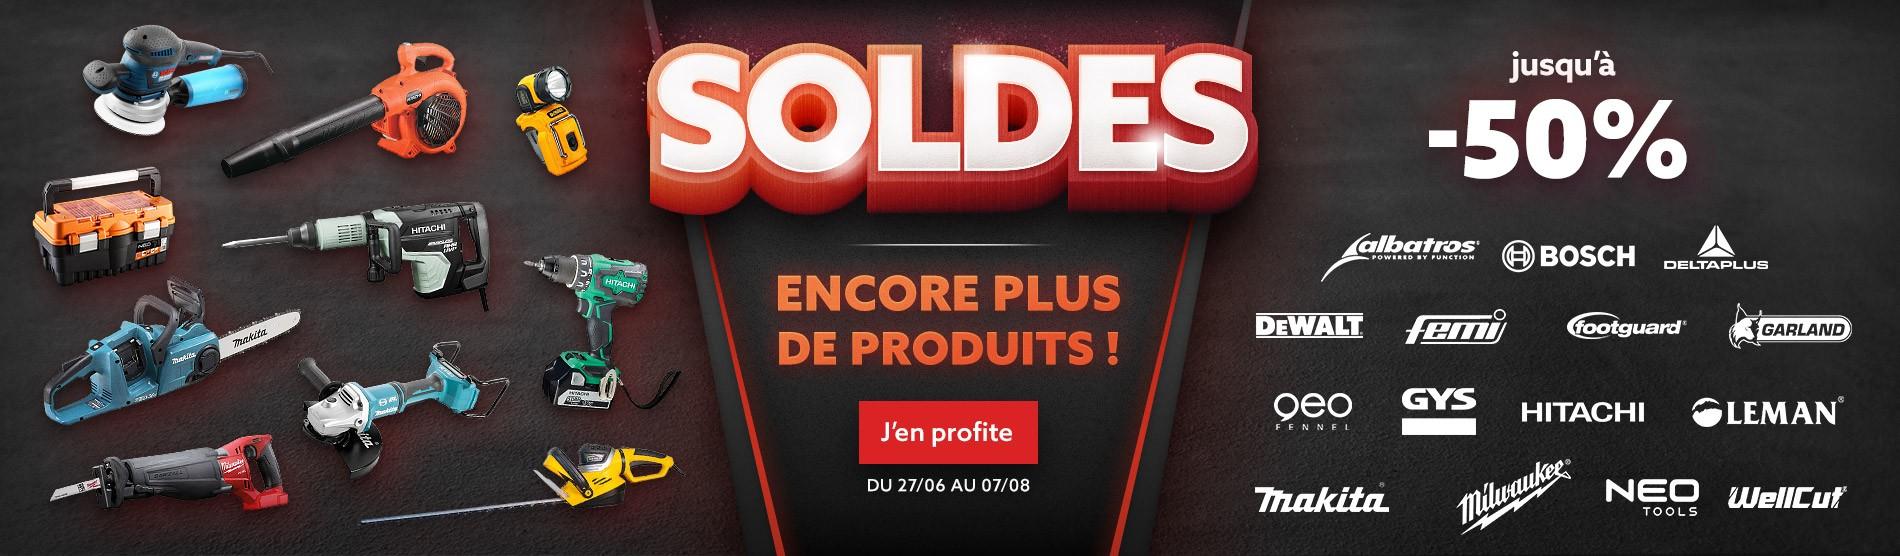 Soldes - Encore plus de produits !